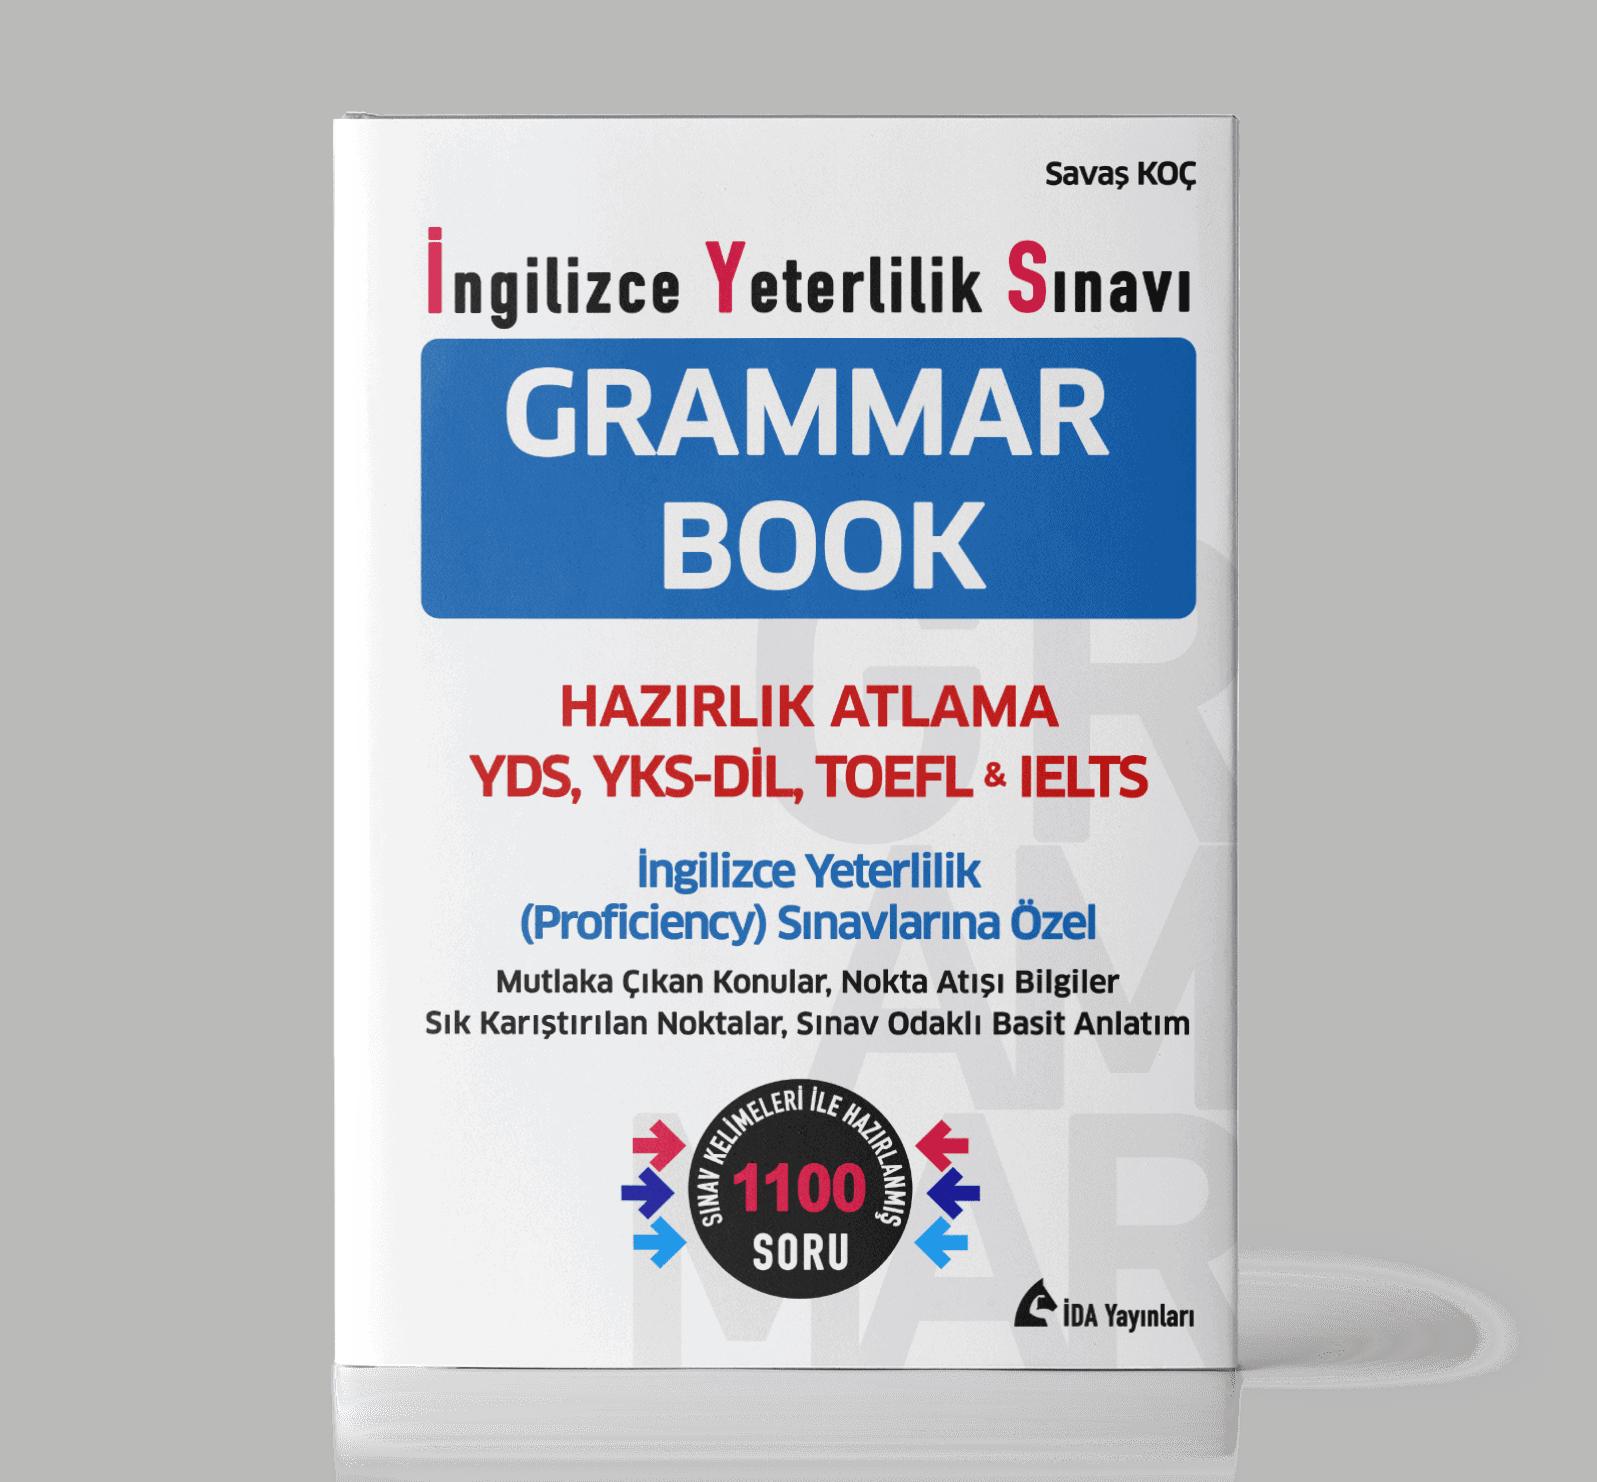 İNGİLİZCE YETERLİLİK SINAVI (İYS) GRAMMAR BOOK